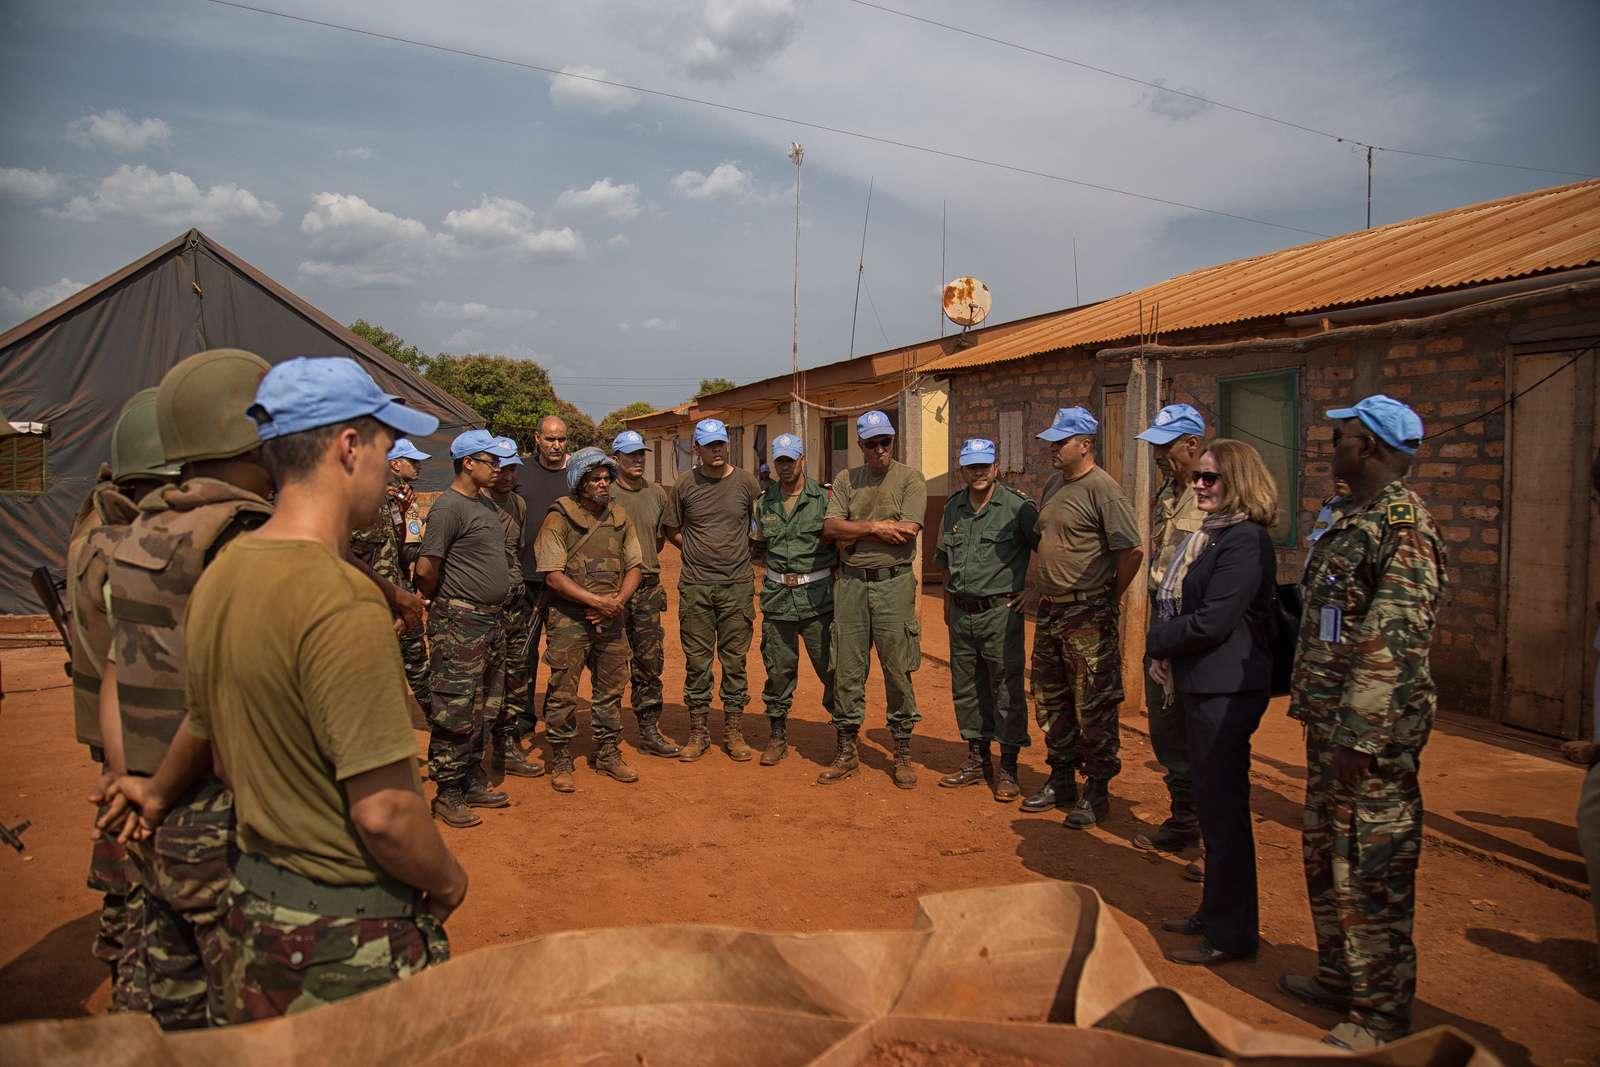 Maintien de la paix dans le monde - Les FAR en République Centrafricaine - RCA (MINUSCA) 16332010